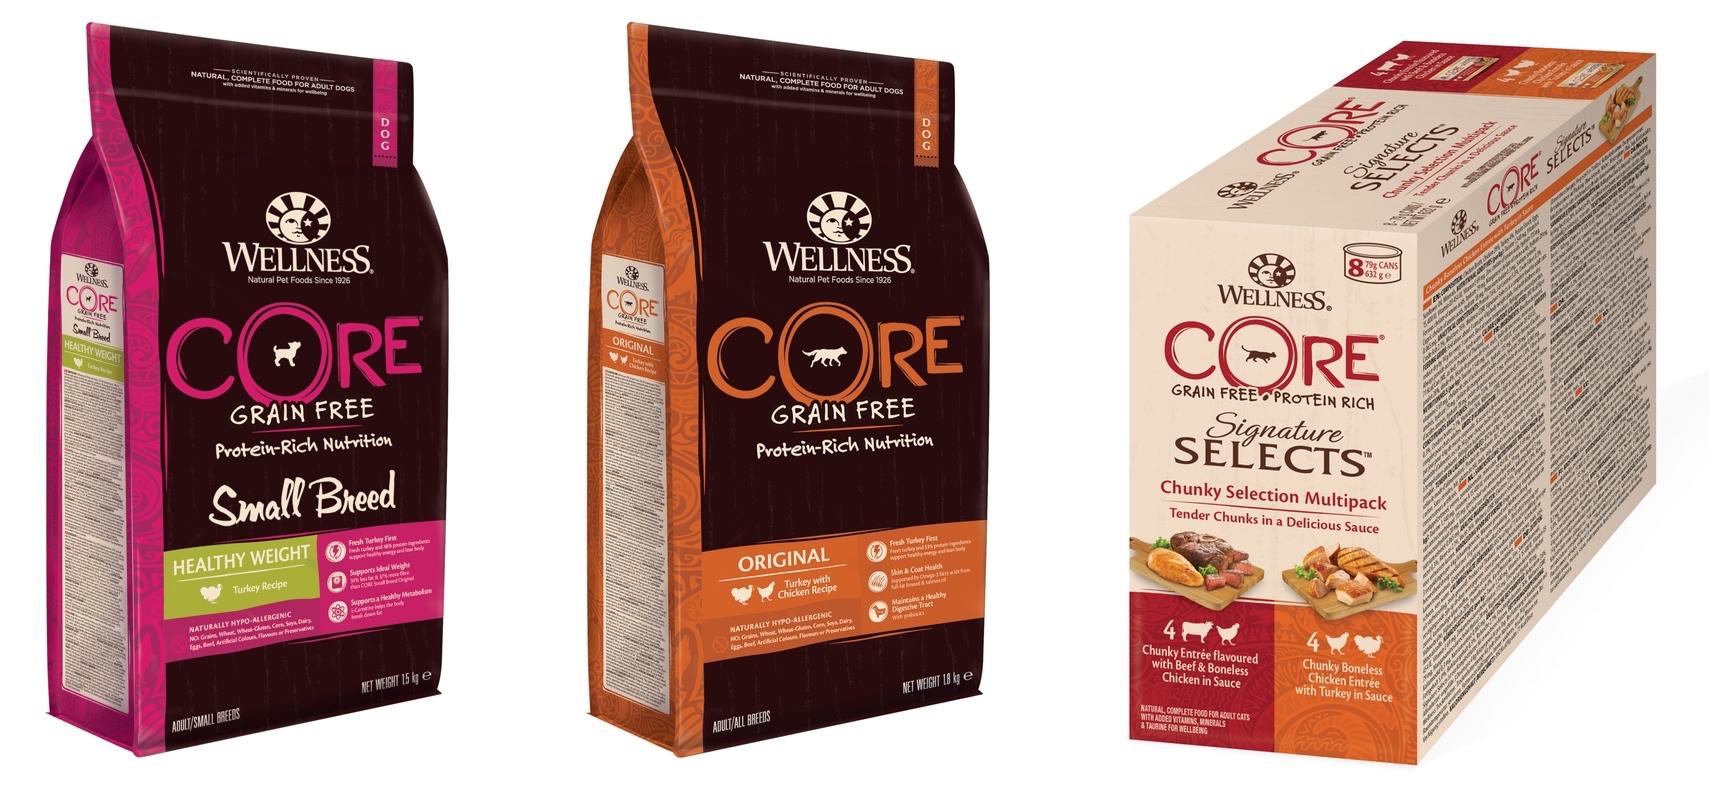 Nová kolekce Wellness Core britské společnosti WellPet pro kočky a psy. Produkty jsou bez obilovin i umělých přísad. VČesku a na Slovensku je výhradním distributorem právě Pet Center